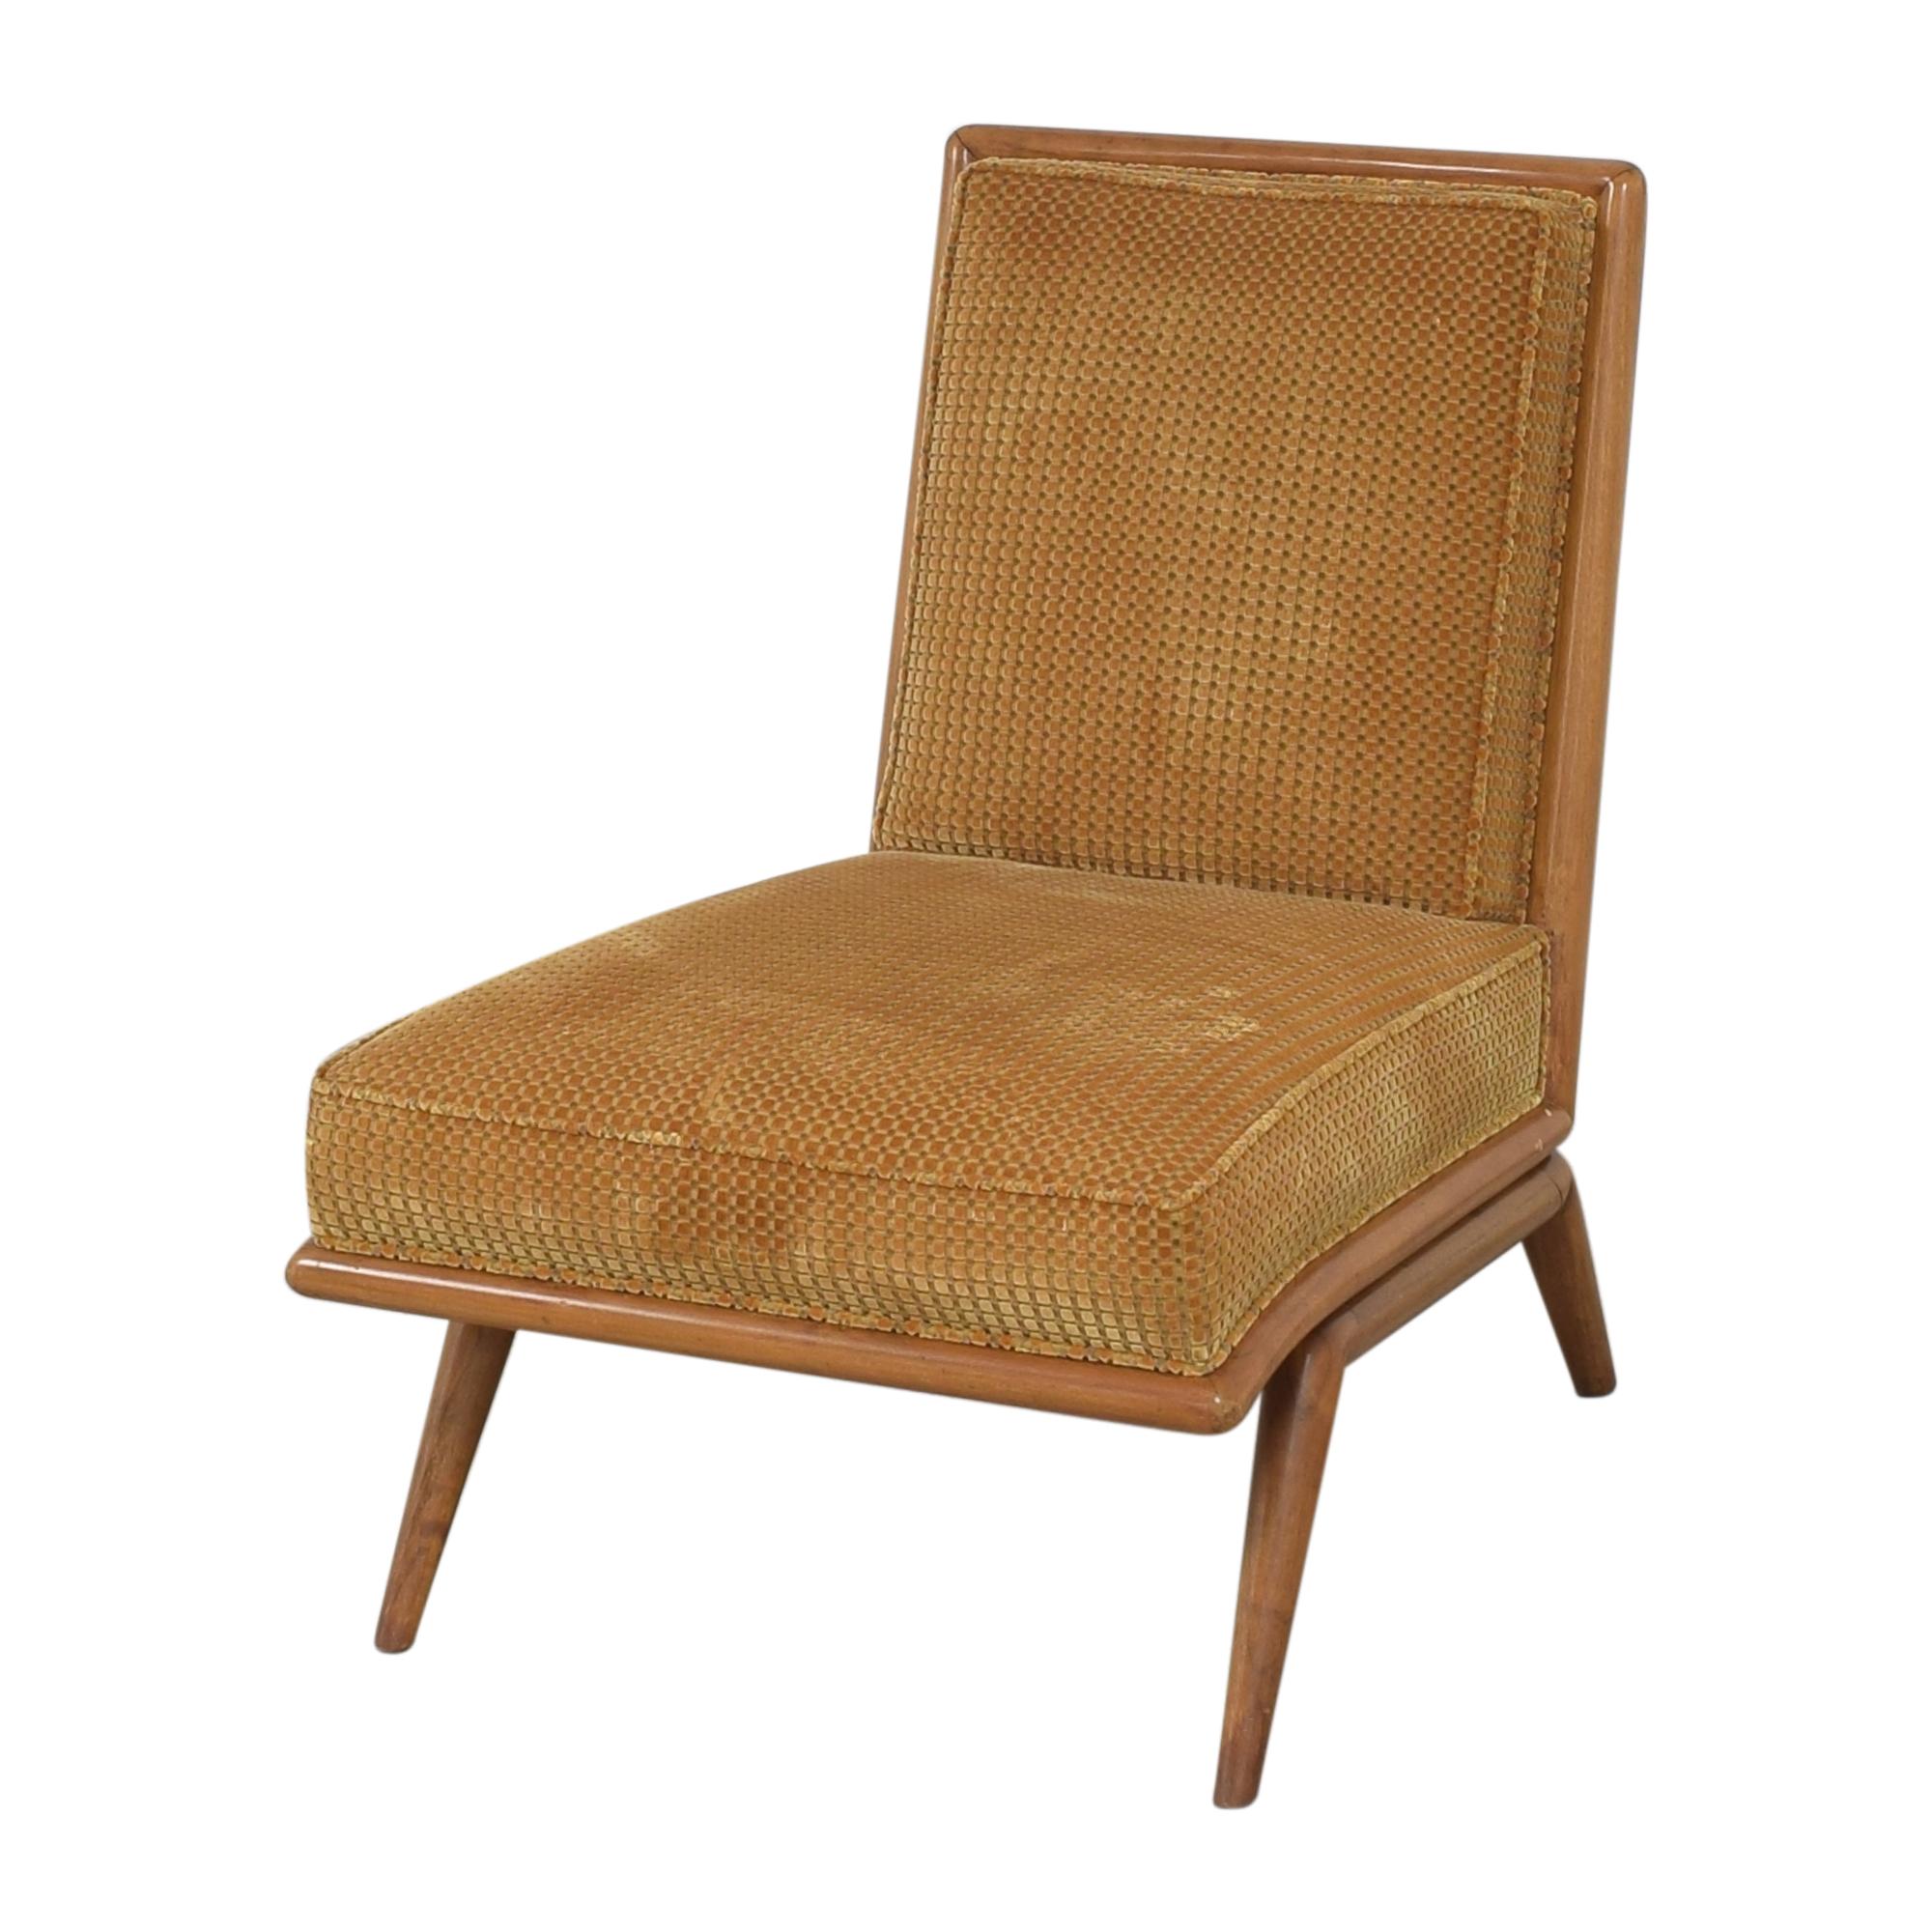 buy T.H. Robsjohn Gibbings for Widdicomb Slipper Chair Widdicomb